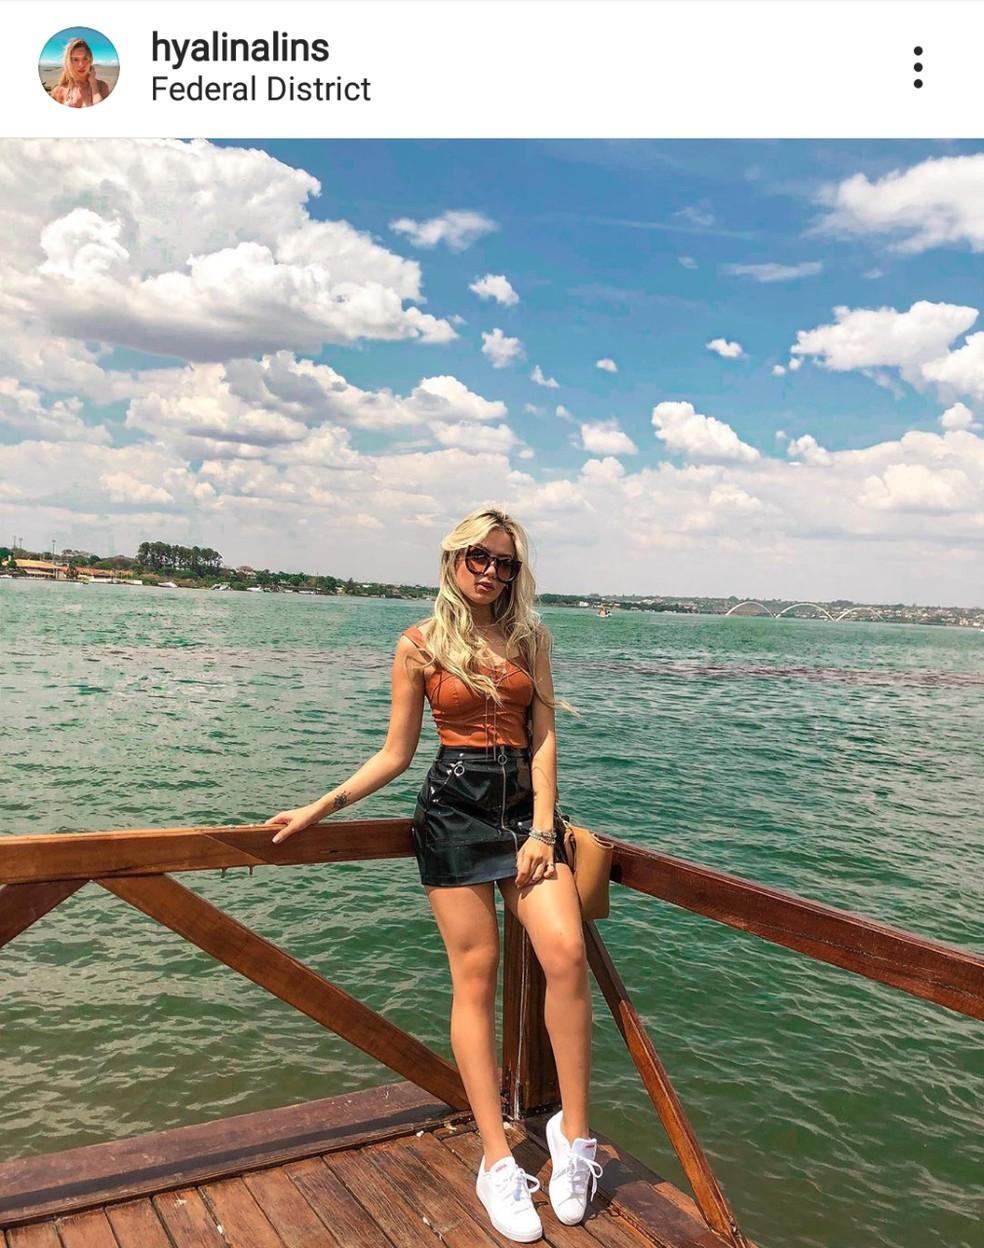 Estudante Hyalina diz que tem baixa visão com 20 graus de miopia e sempre estudou em escolas públicas — Foto: Reprodução/Instagram